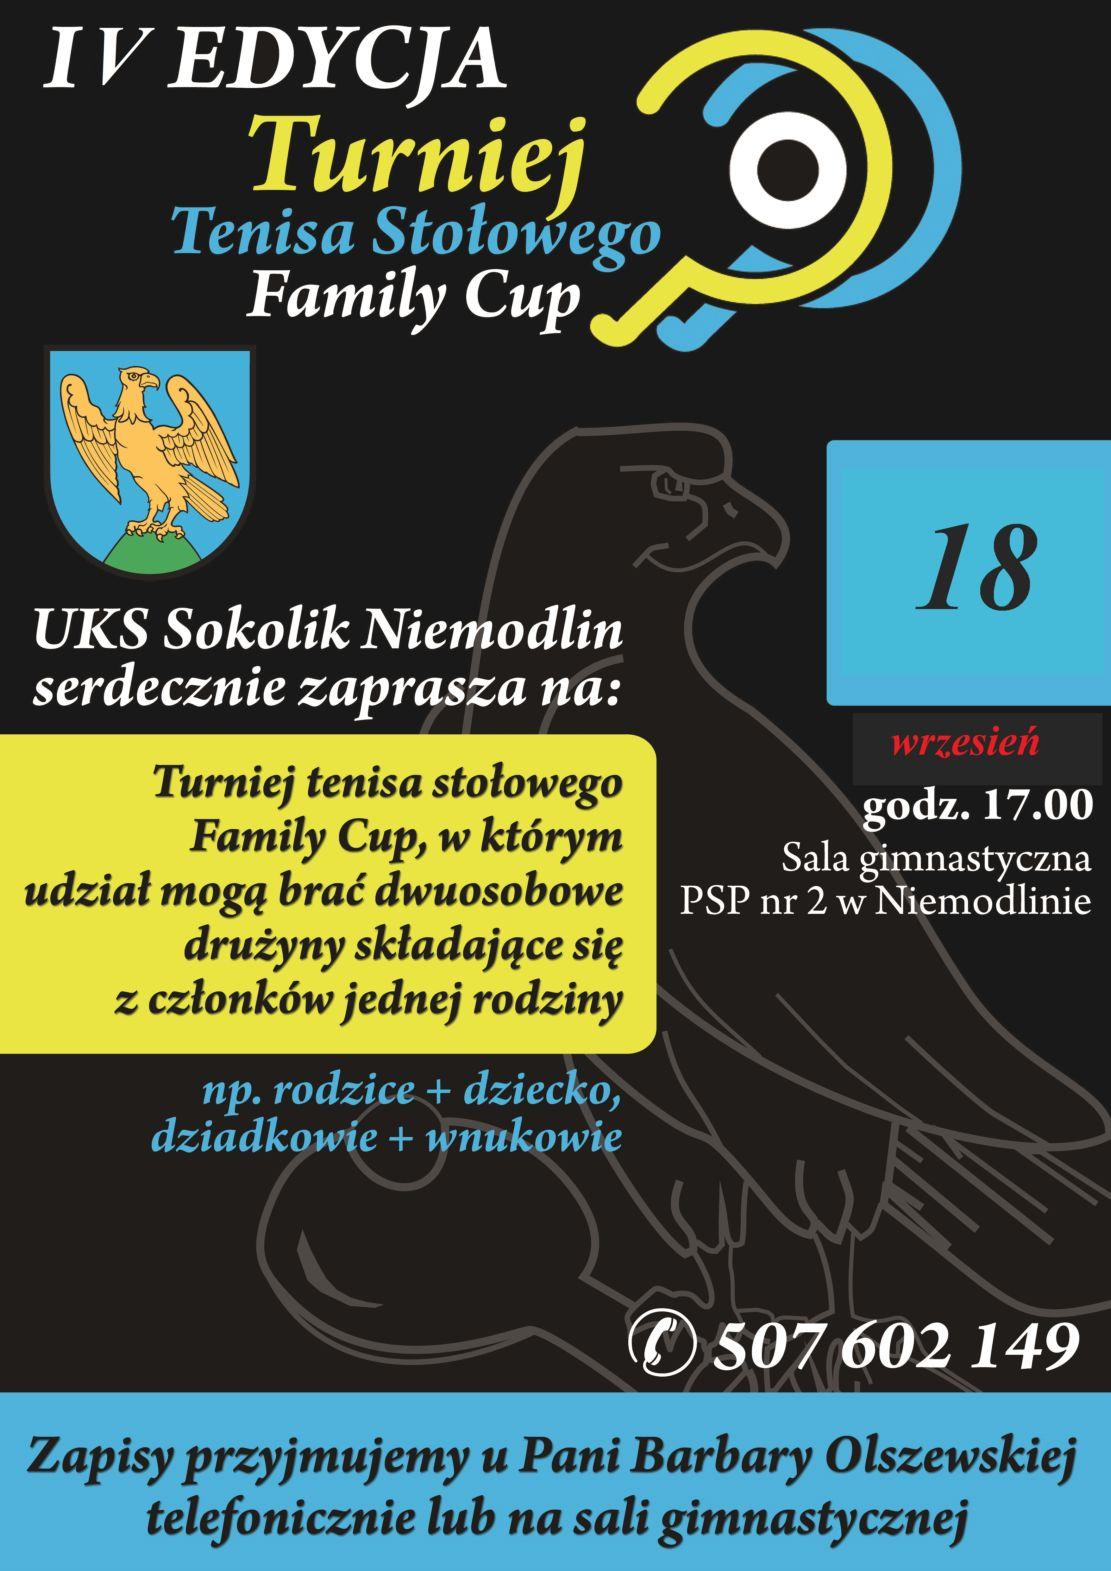 palakat A3_familycup - 2013 - Kopia.jpeg